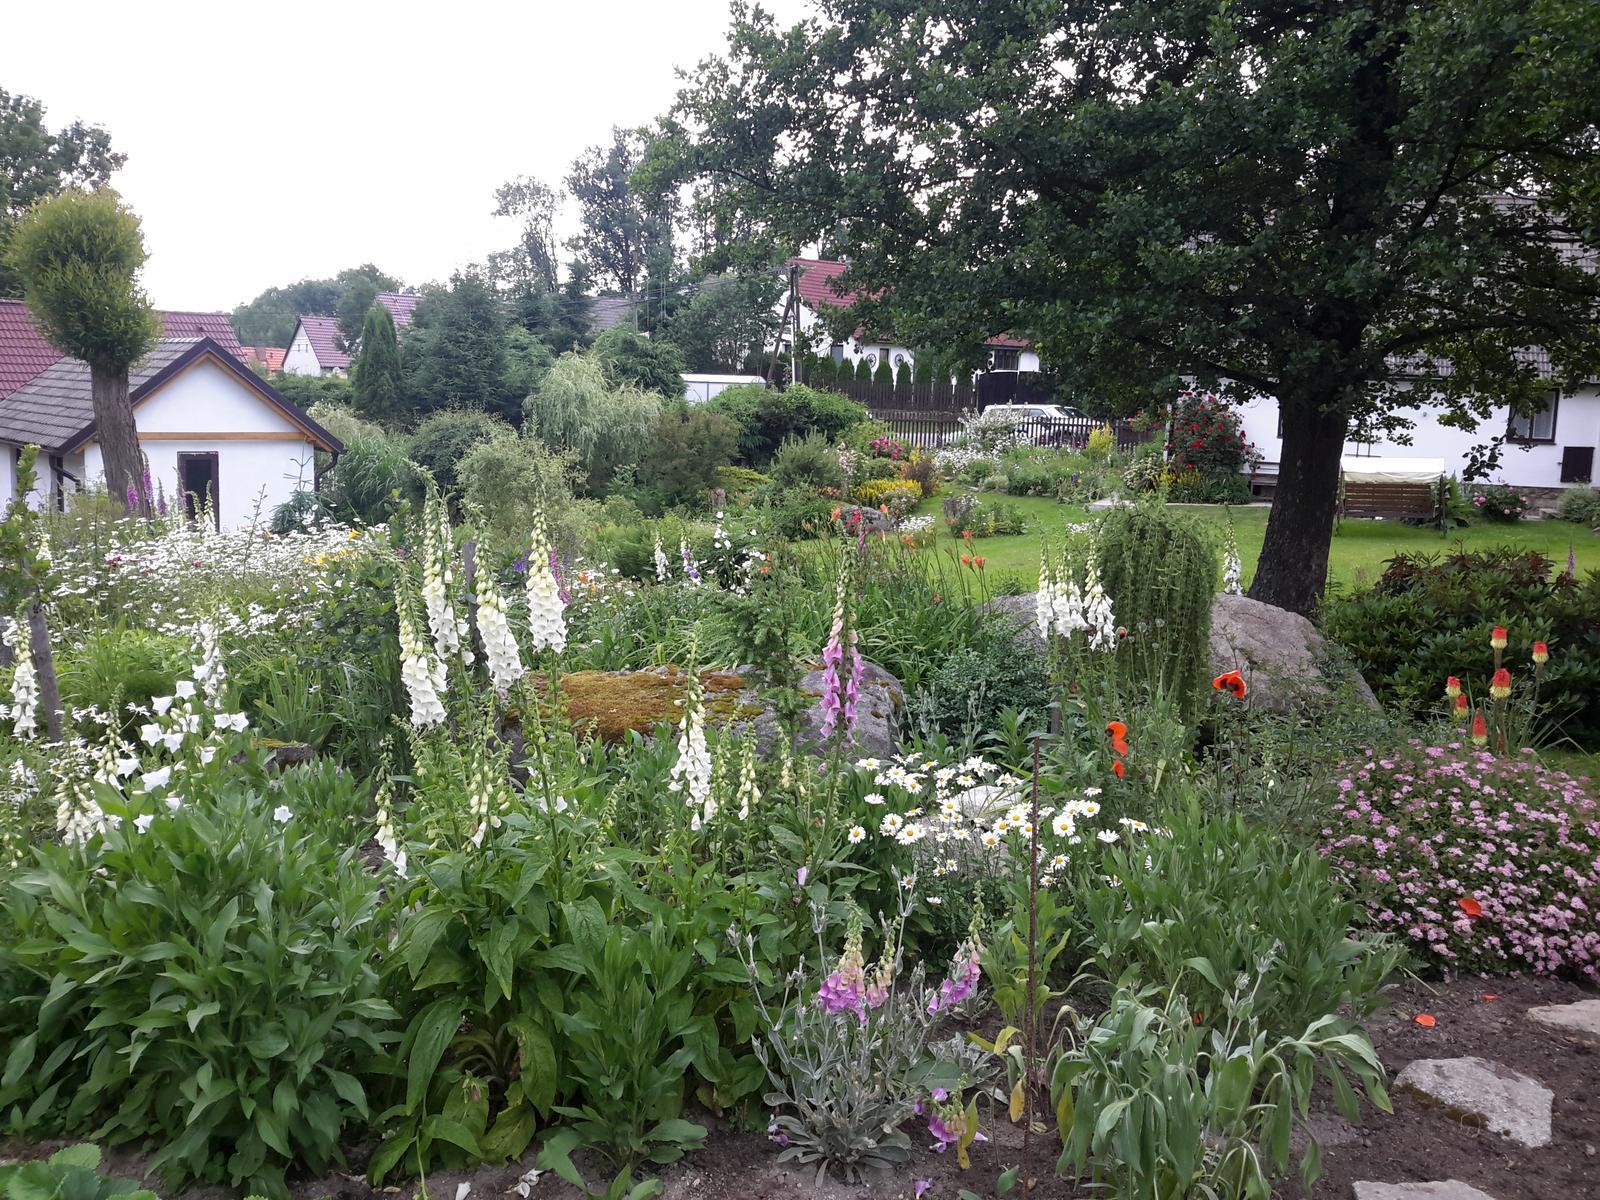 Jihočeská venkovská zahrada. - Bílý digitális se mi moc líbí.